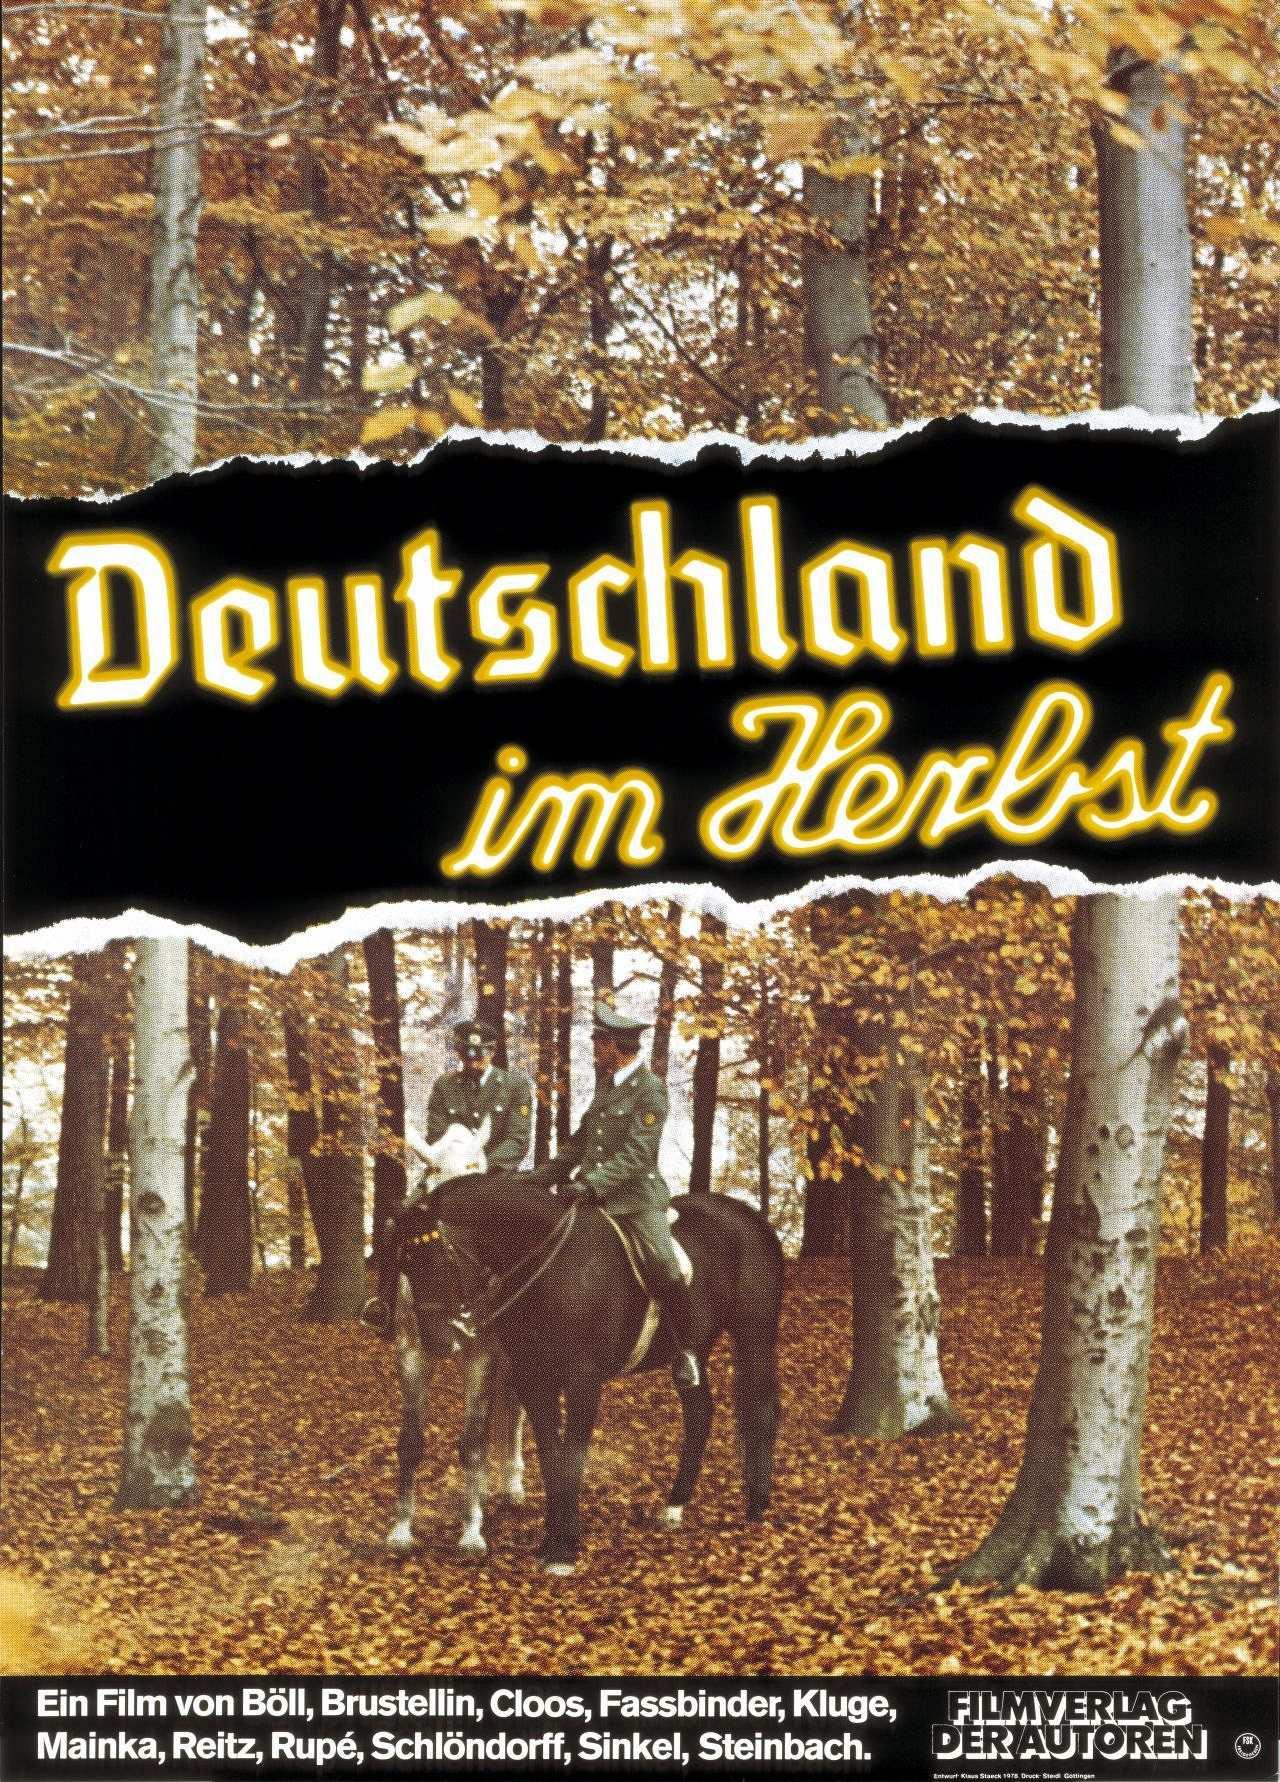 Deutschland im herbst hintergrund